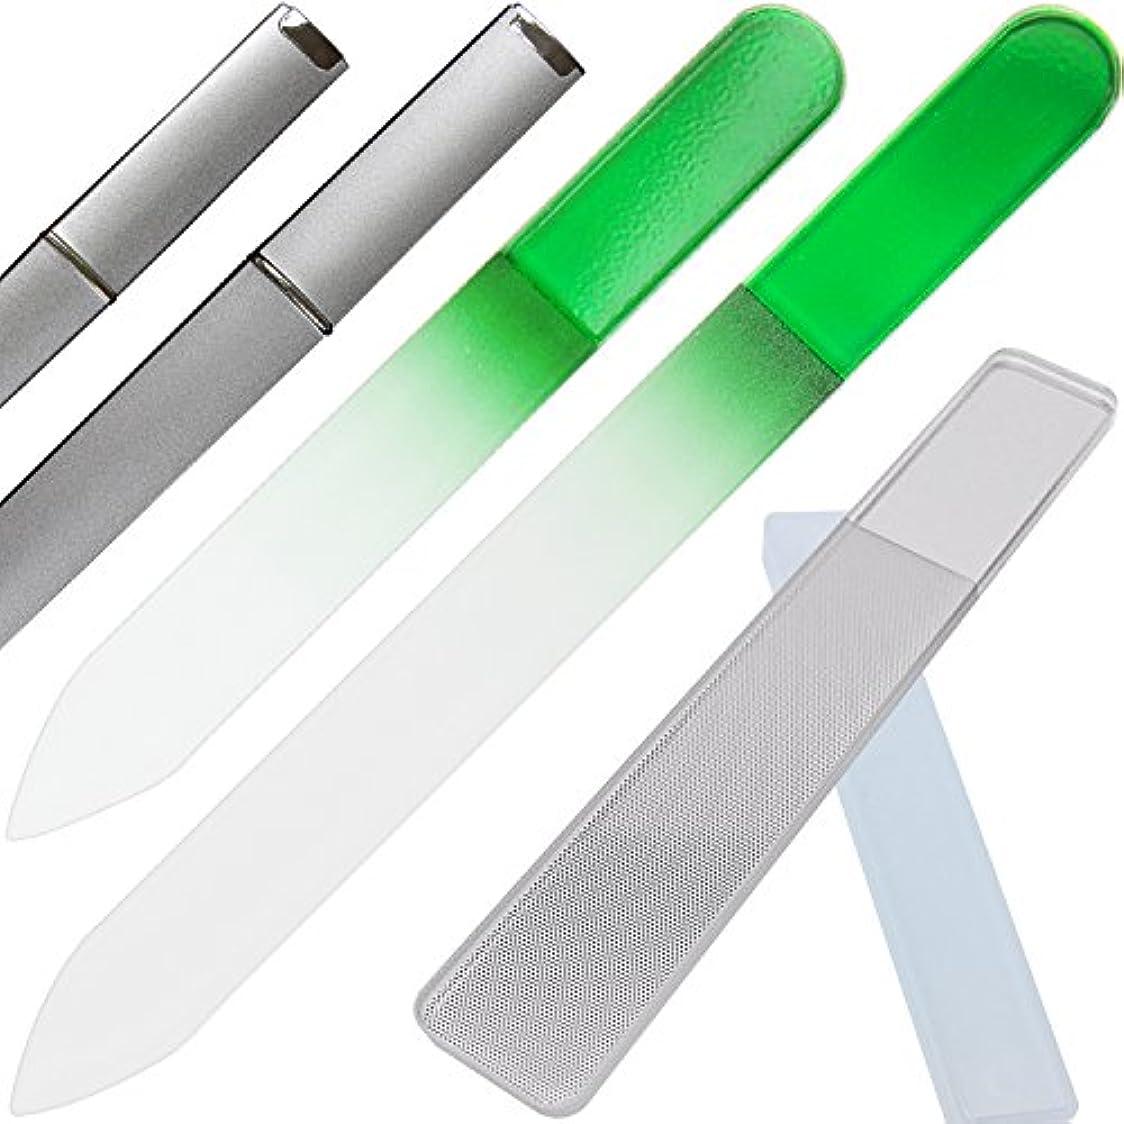 支払う学習者支出Clarente 爪やすり 爪磨き ガラス製 専用 ケース付 4点セット ネイル ケア